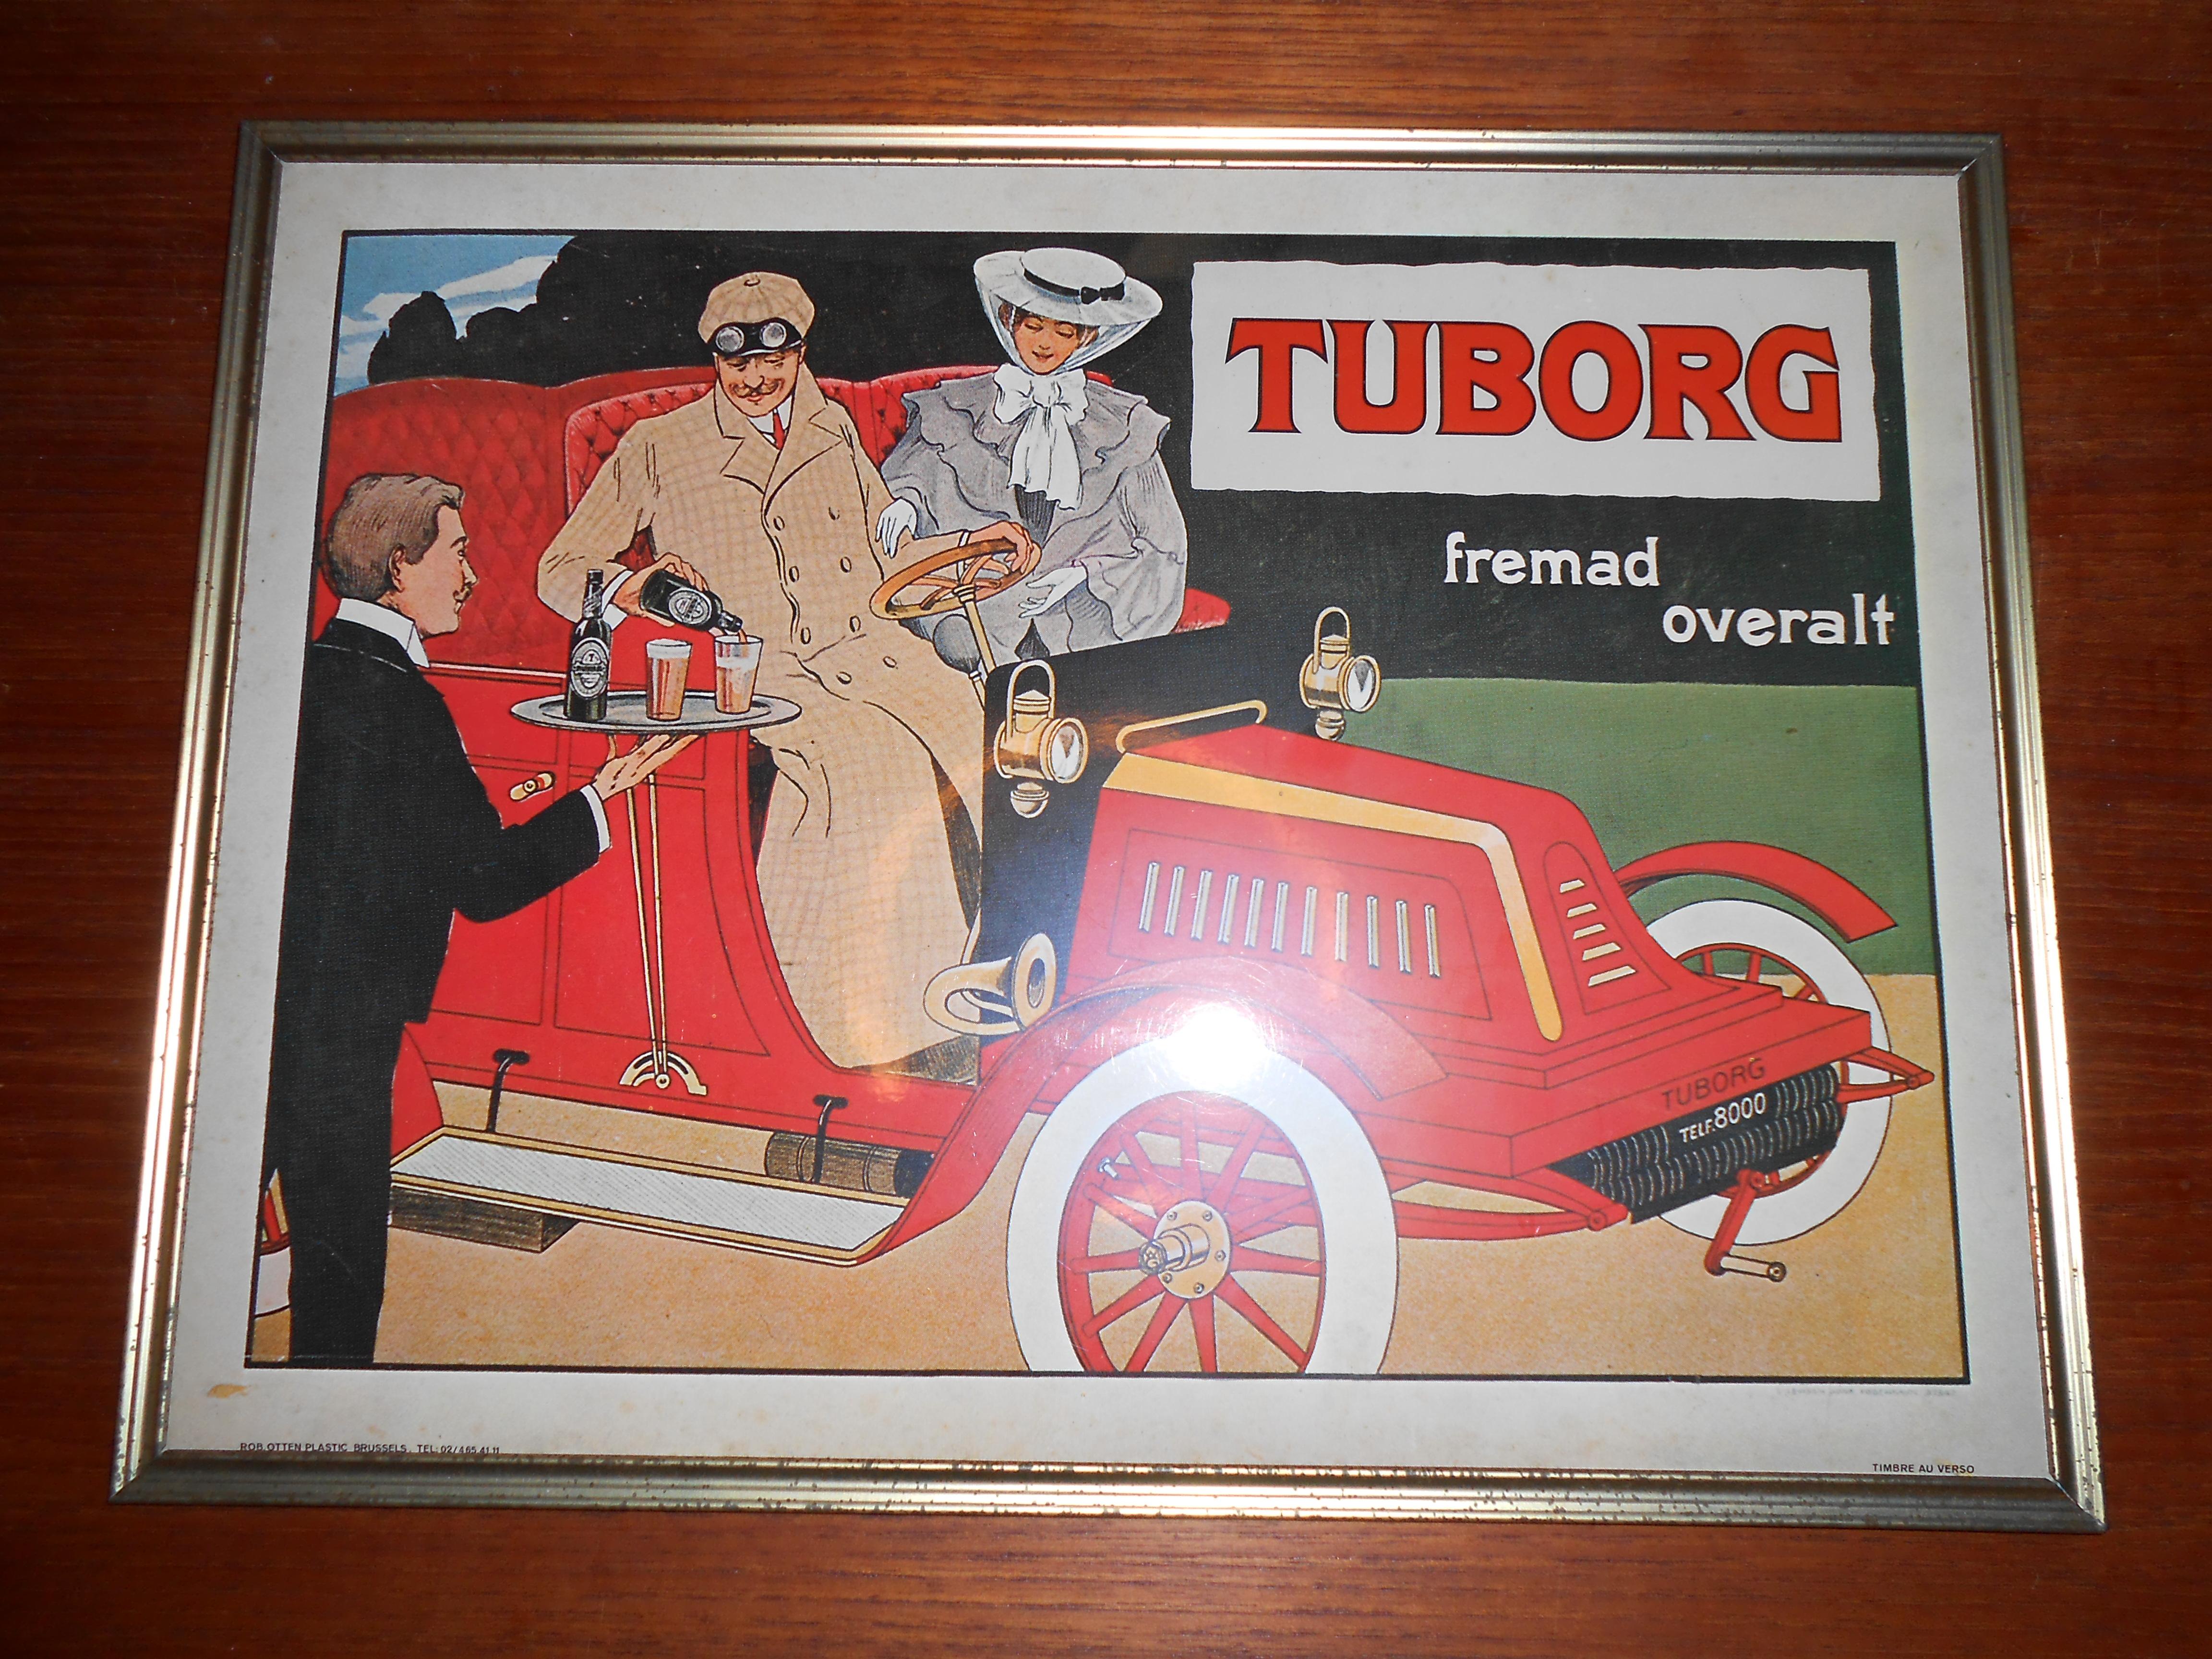 Kendt Indrammet Tuborg skilt i celoid: dk 1970'erne – retro-design.dk SK72